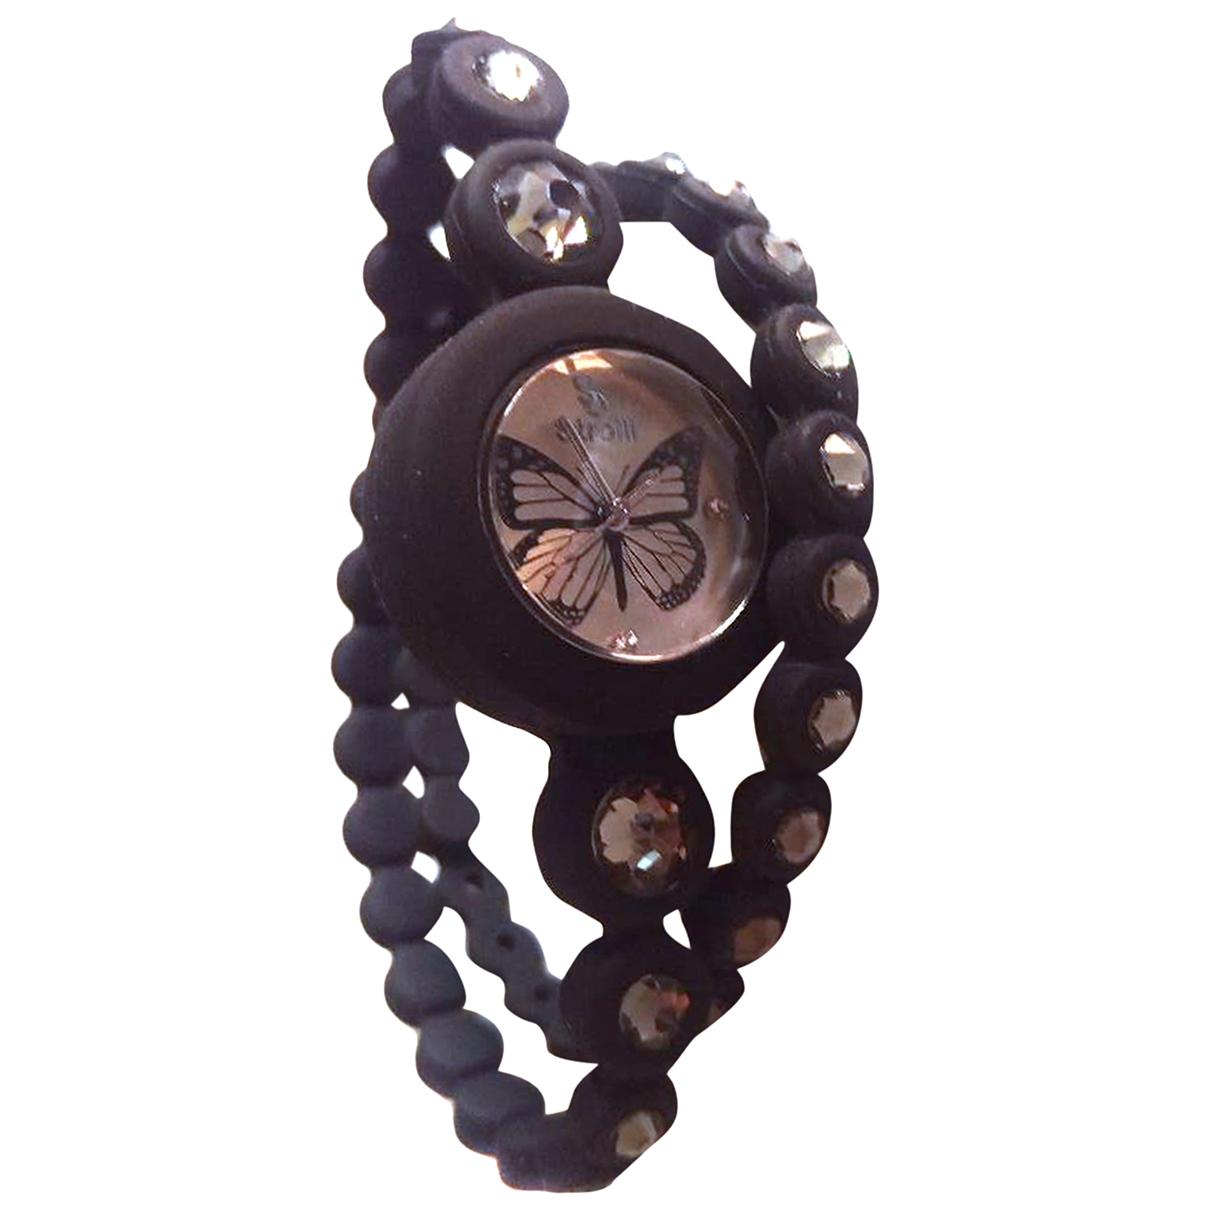 Stroili \N Uhr Schwarz